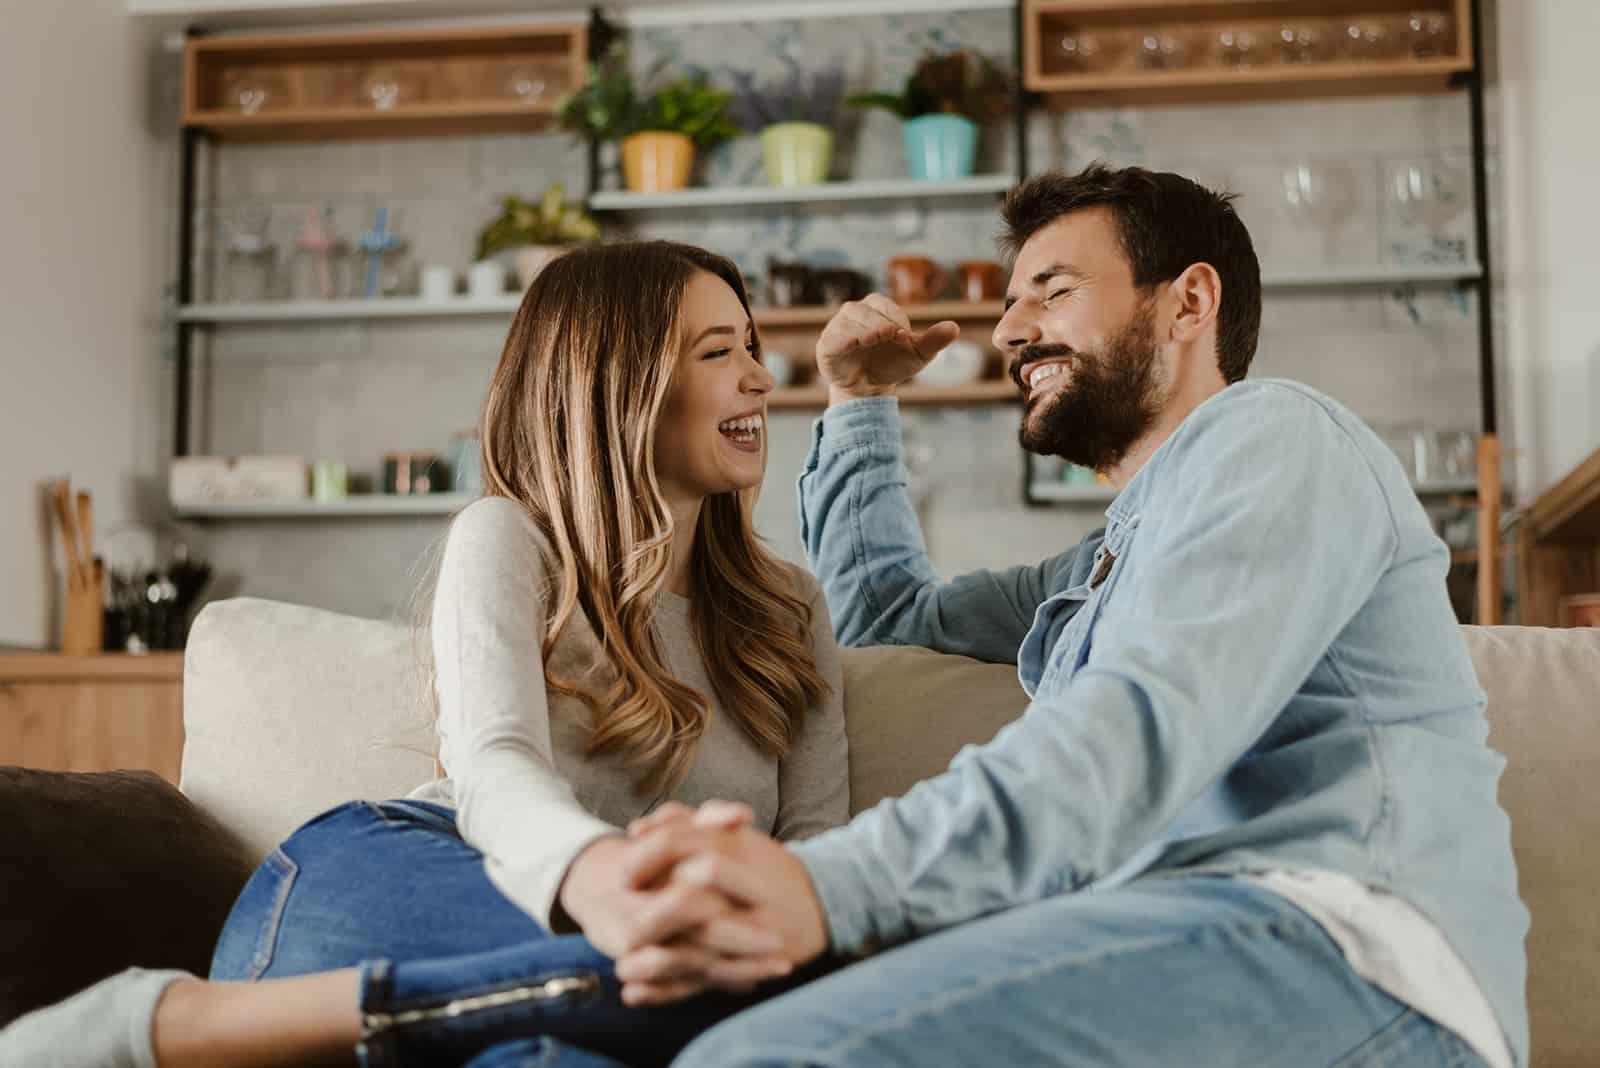 Aimer heureux couple se parler à la maison assis sur le canapé et se tenant la main